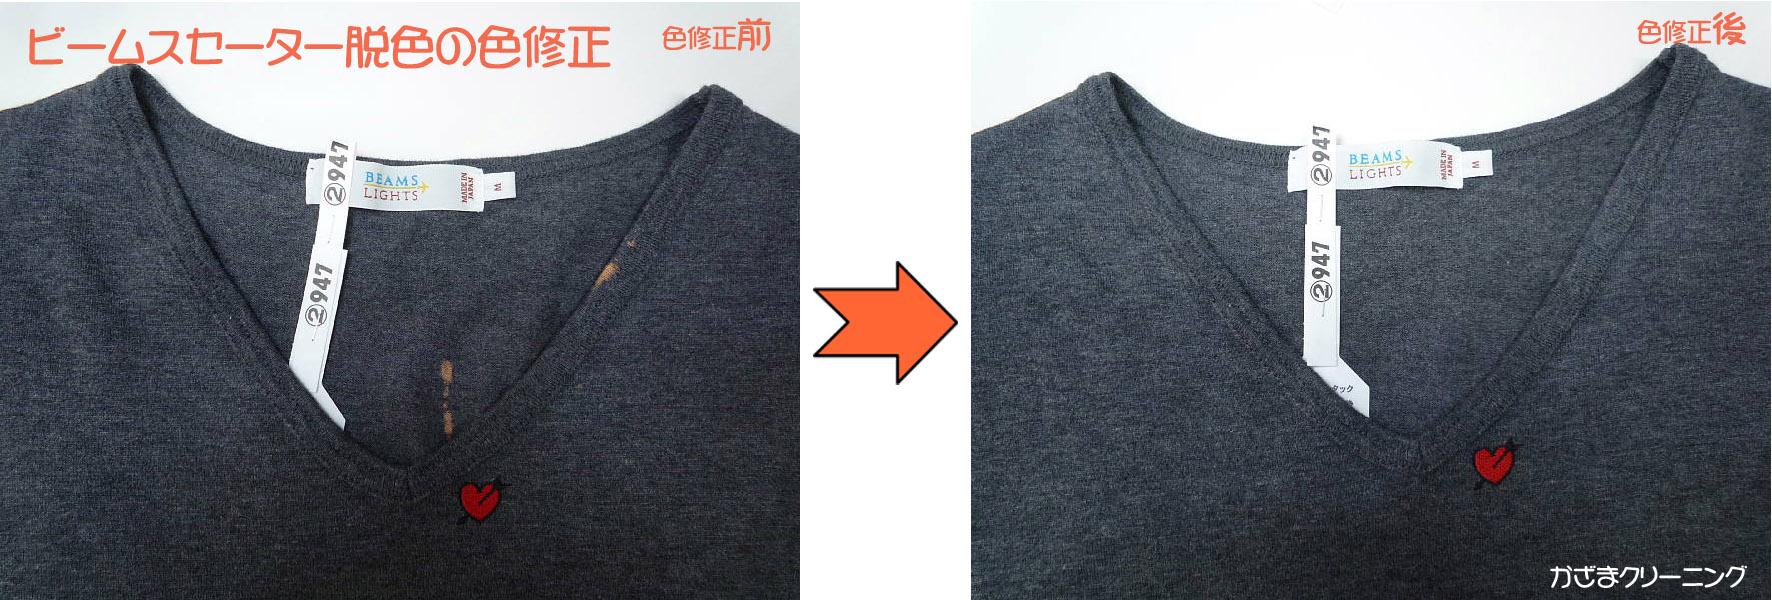 ビームスセーター塩素脱色の色修正